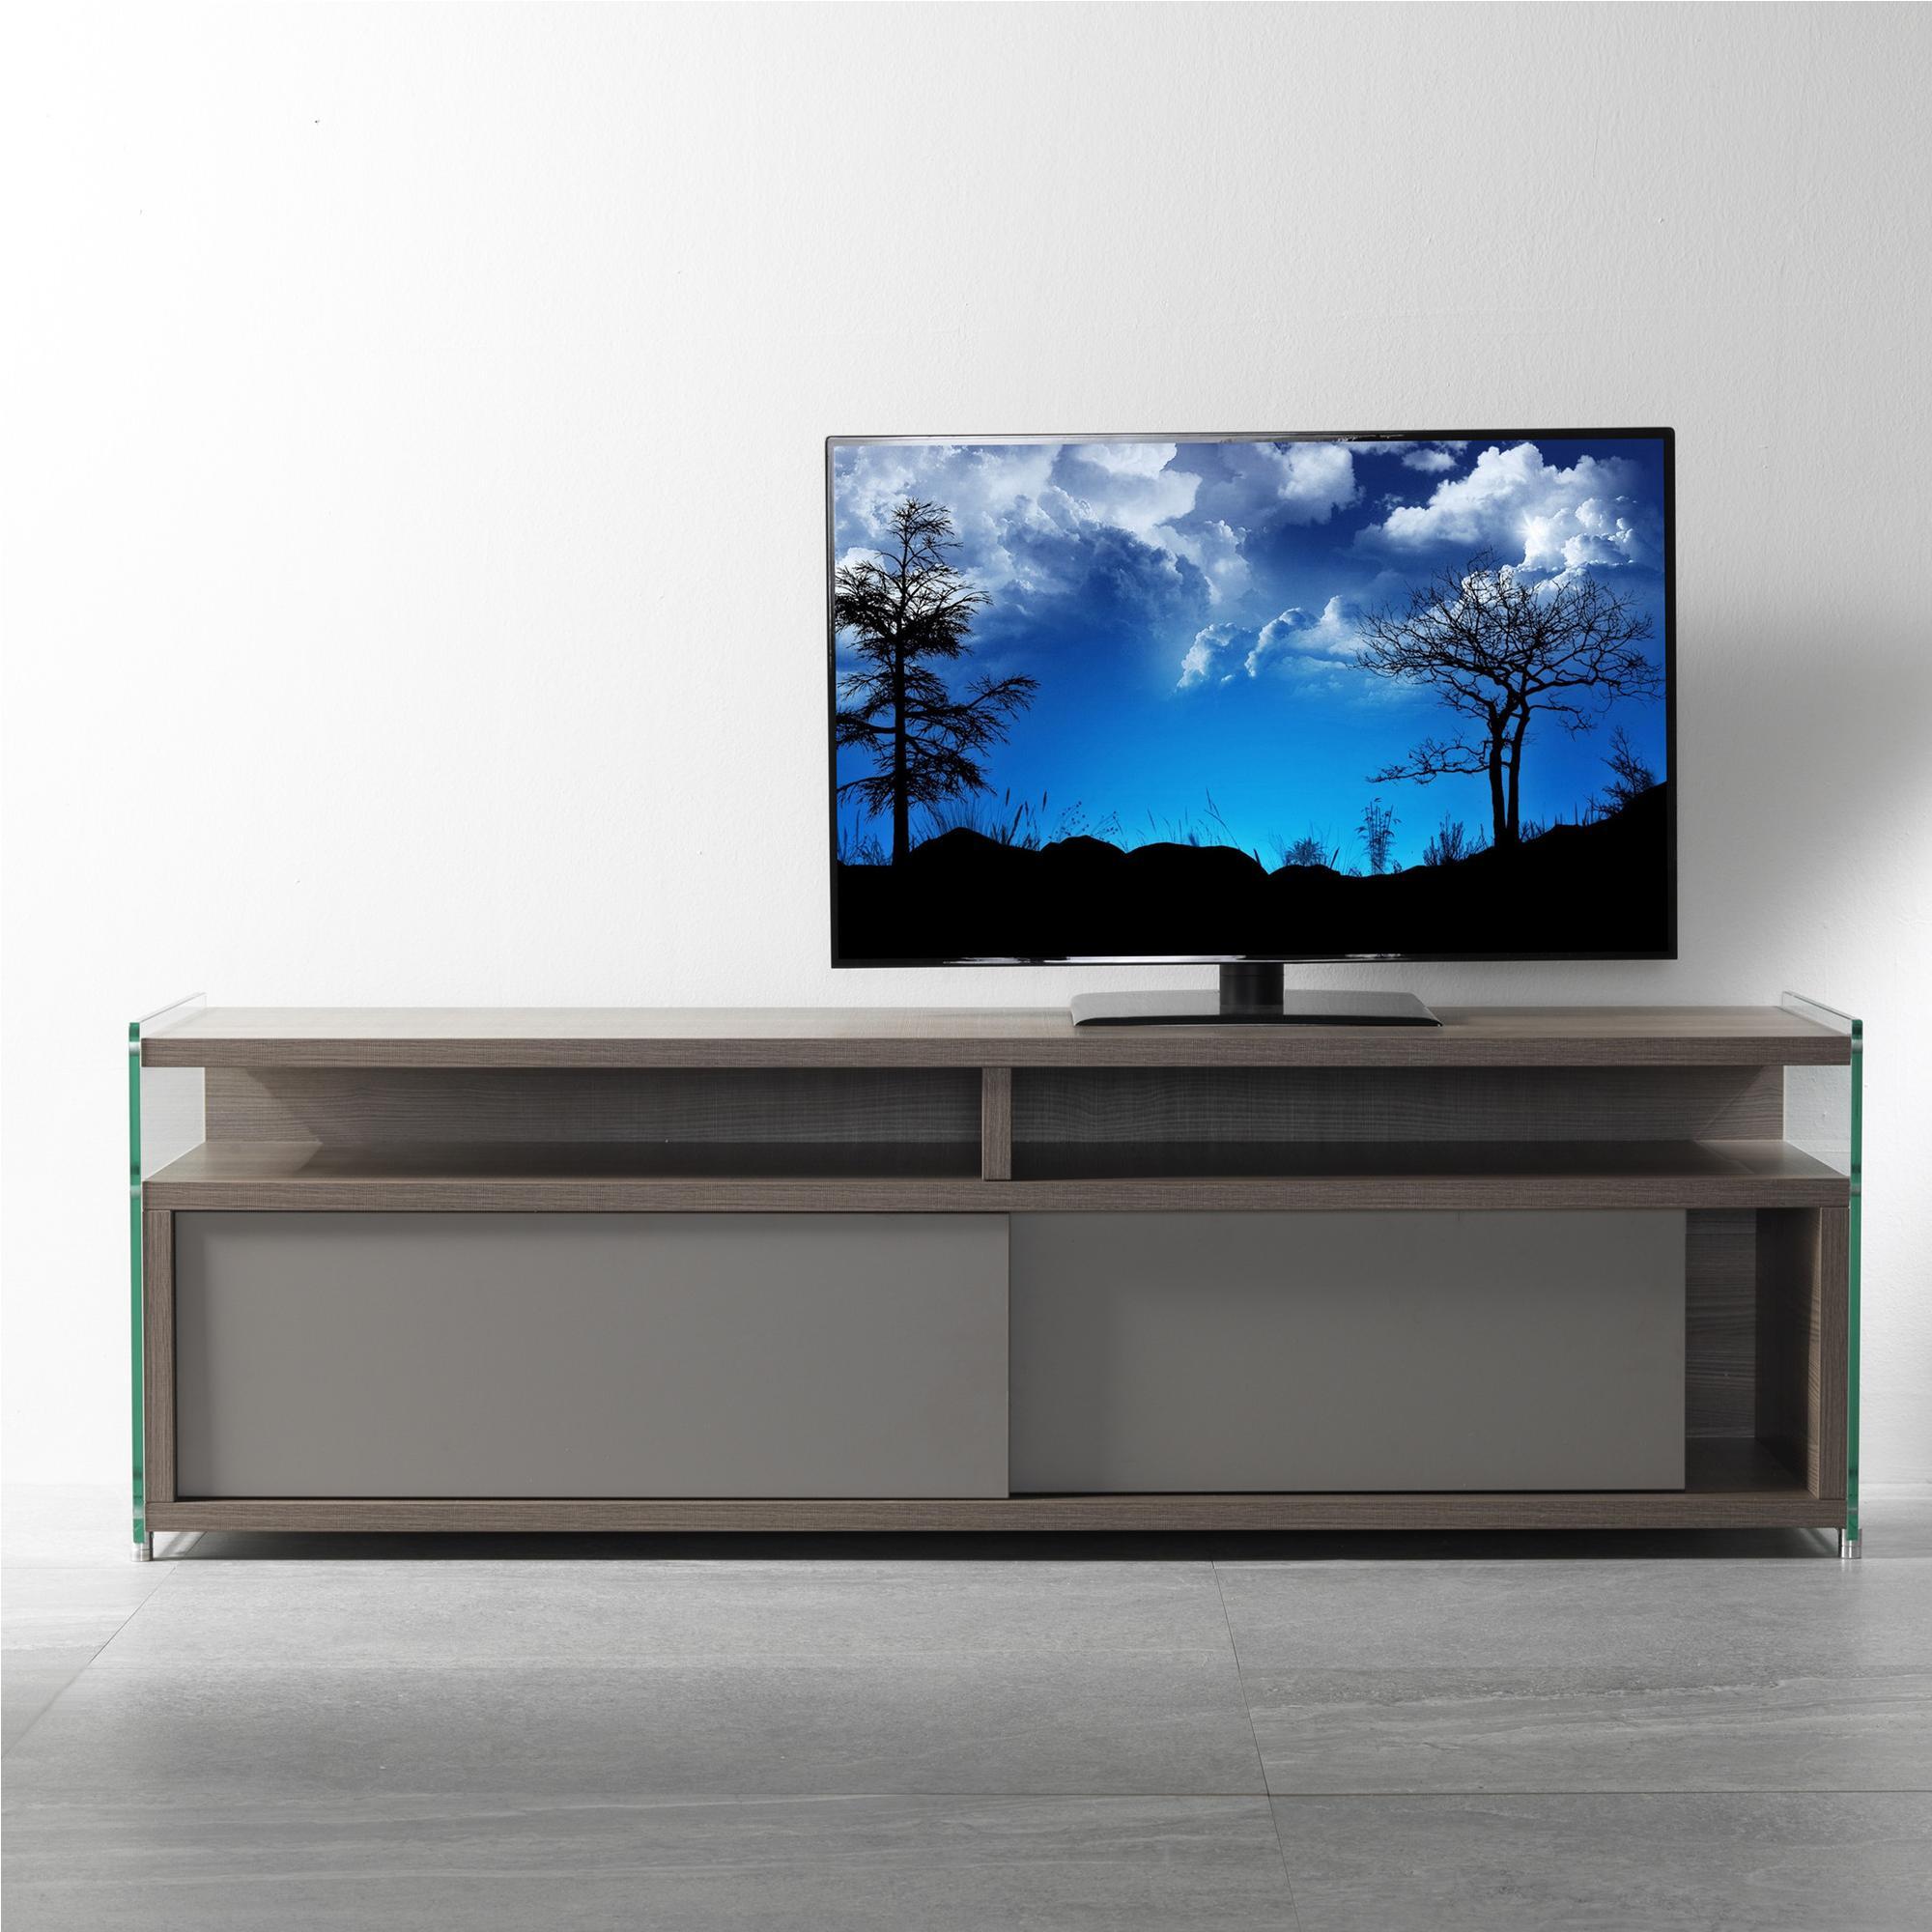 Carrelli Porta Tv Lcd.Mobile Porta Tv Aperto In Legno 140x39x48h Cm Colore Olmo Tranche Fianchi In Vetro Trasparente